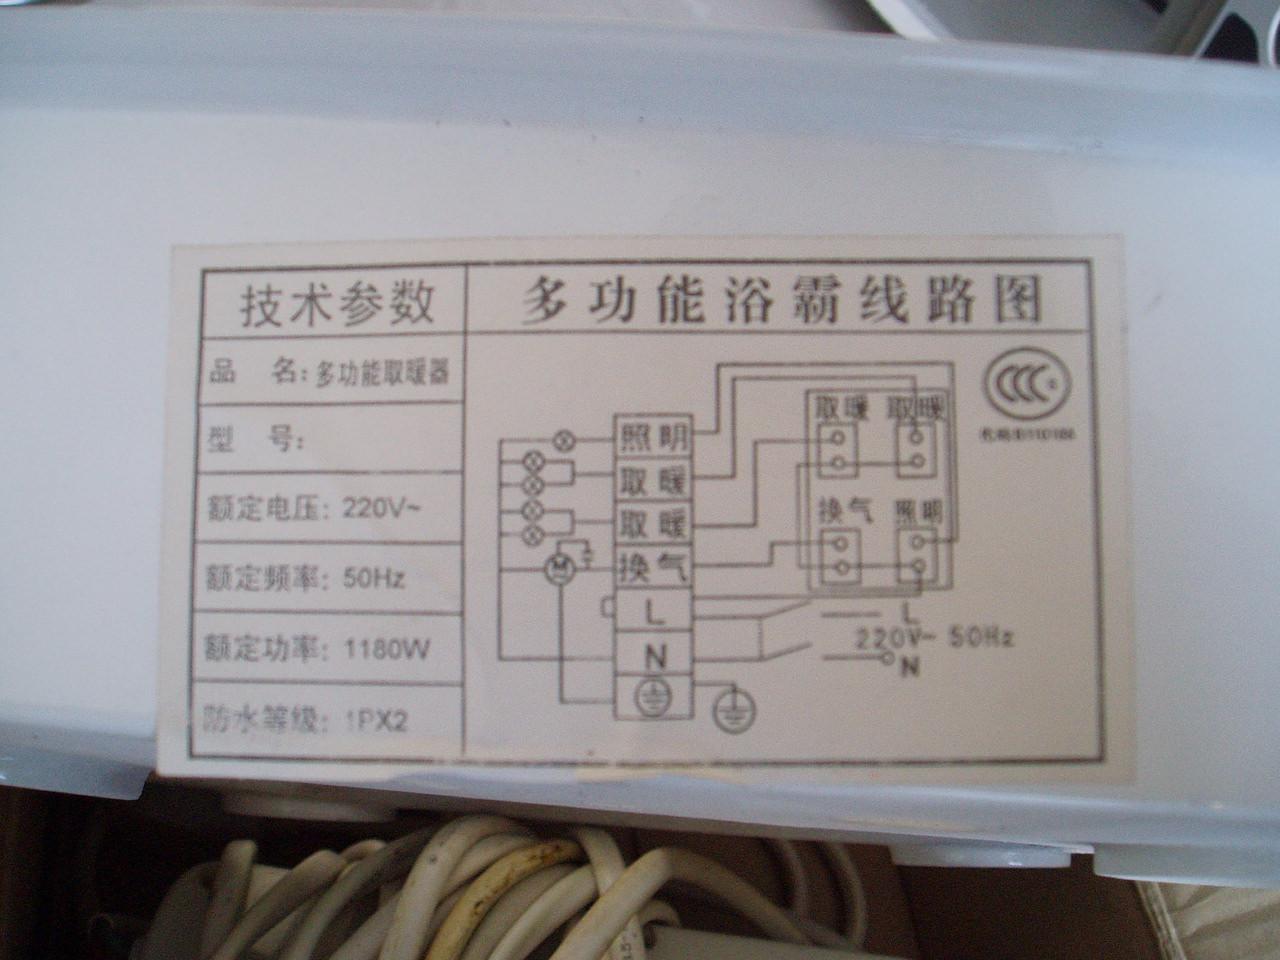 谁有樱花浴霸的电路图,4个取暖一个照明,电路图应该是